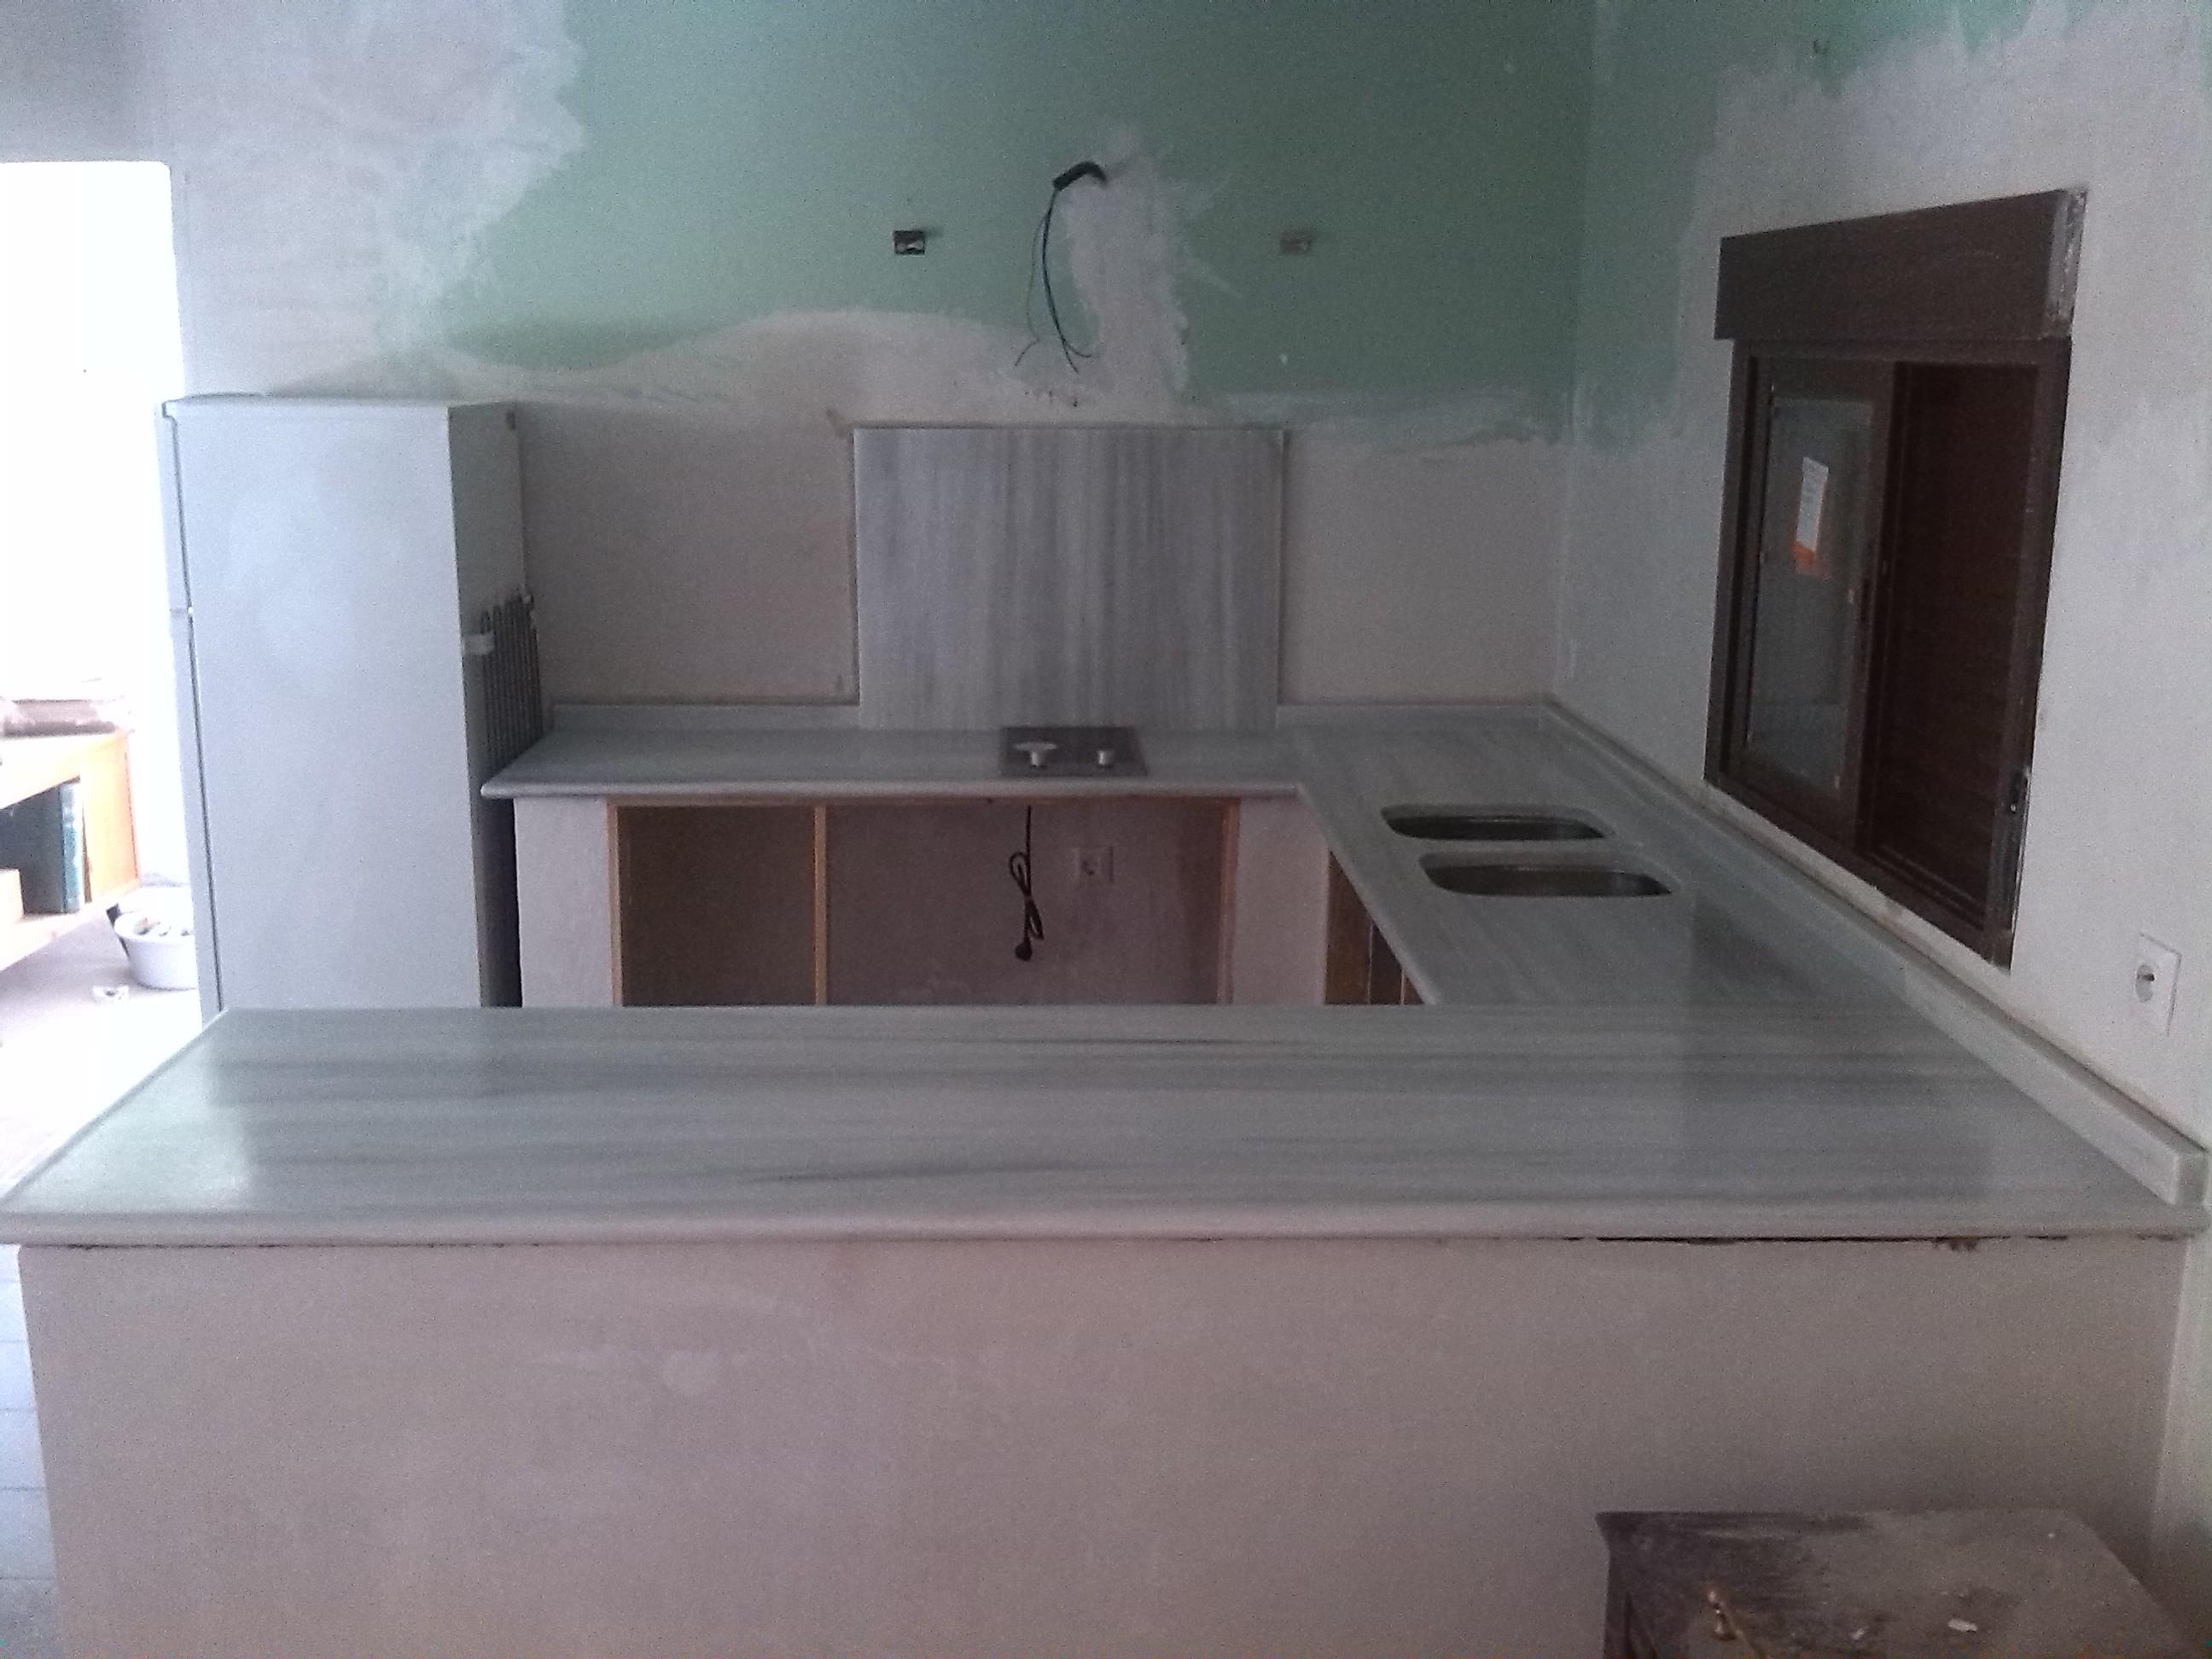 Encimeras de marmol blanco images for Encimeras de marmol